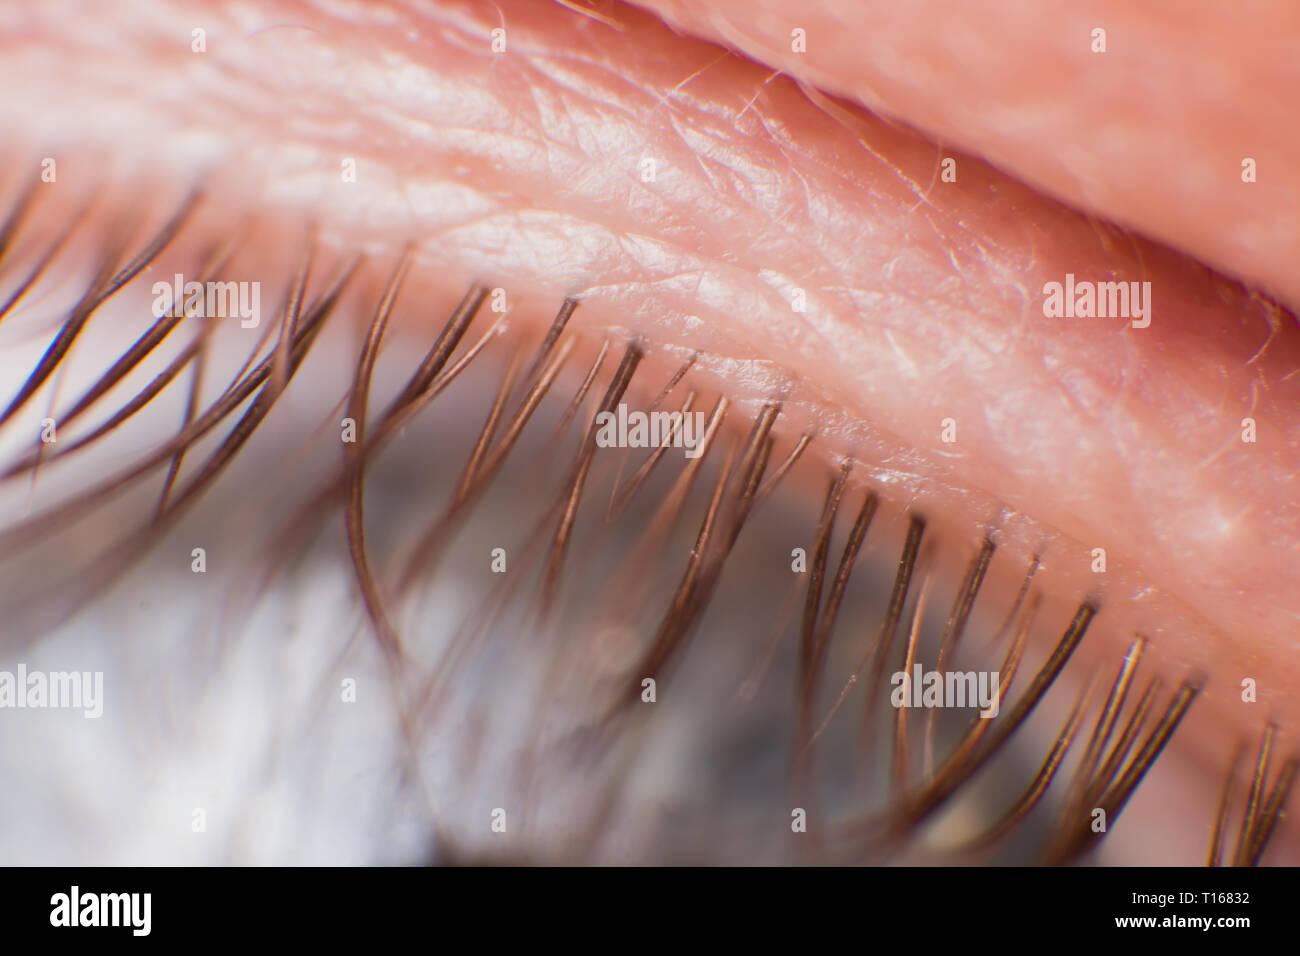 Super Makro Bild von Wimpern, Wimpern Stockbild